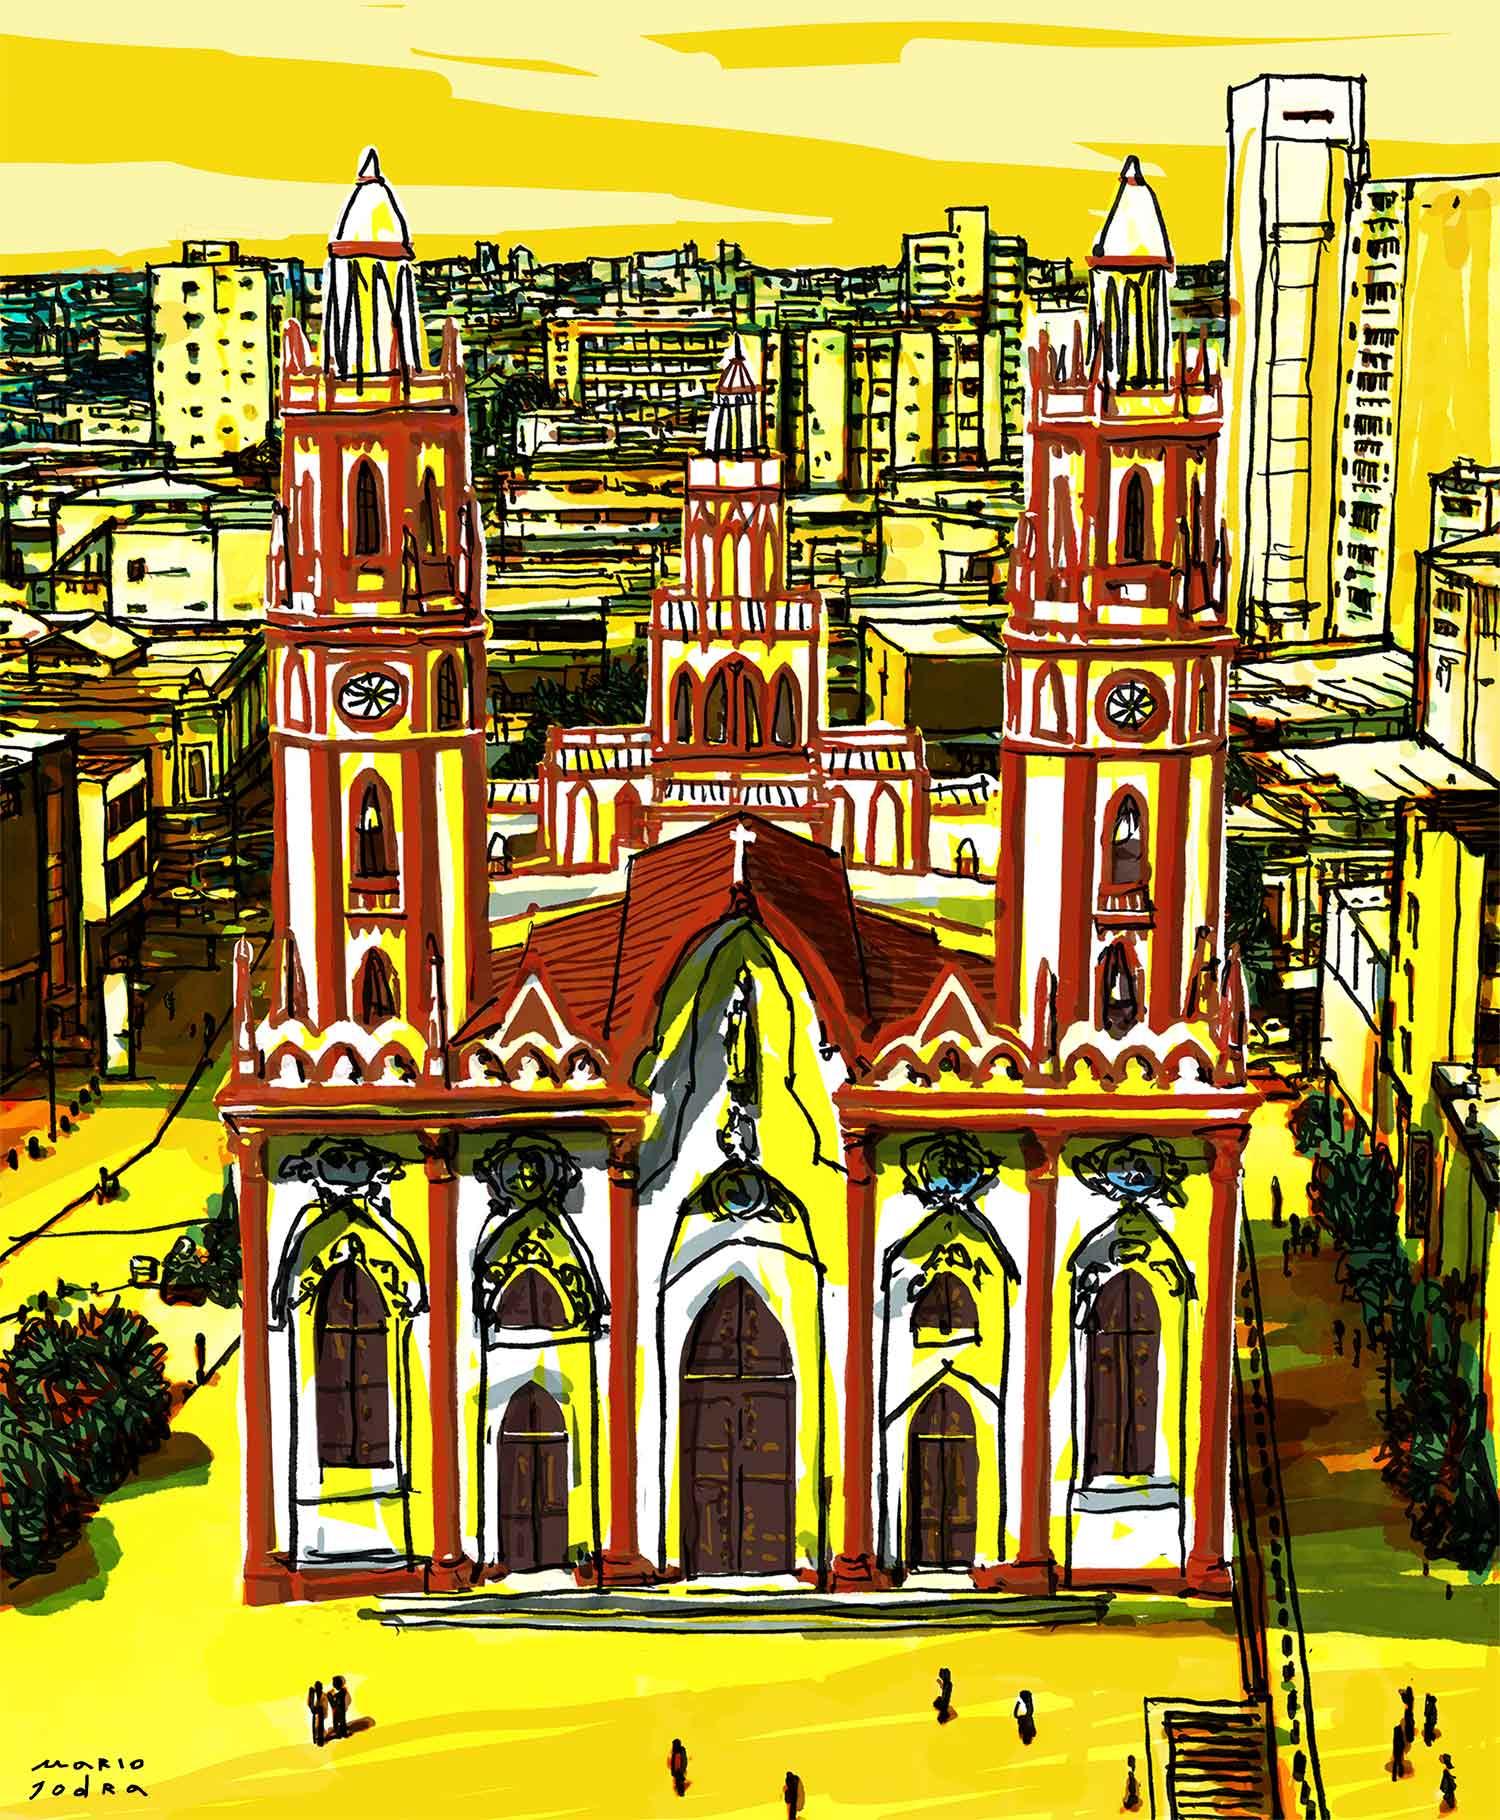 Mario Jodra illustration - Saint Nicholas of Tolentino Church, Barranquilla (Colombia). Cover illustration for Grupo Semana, Colombia.